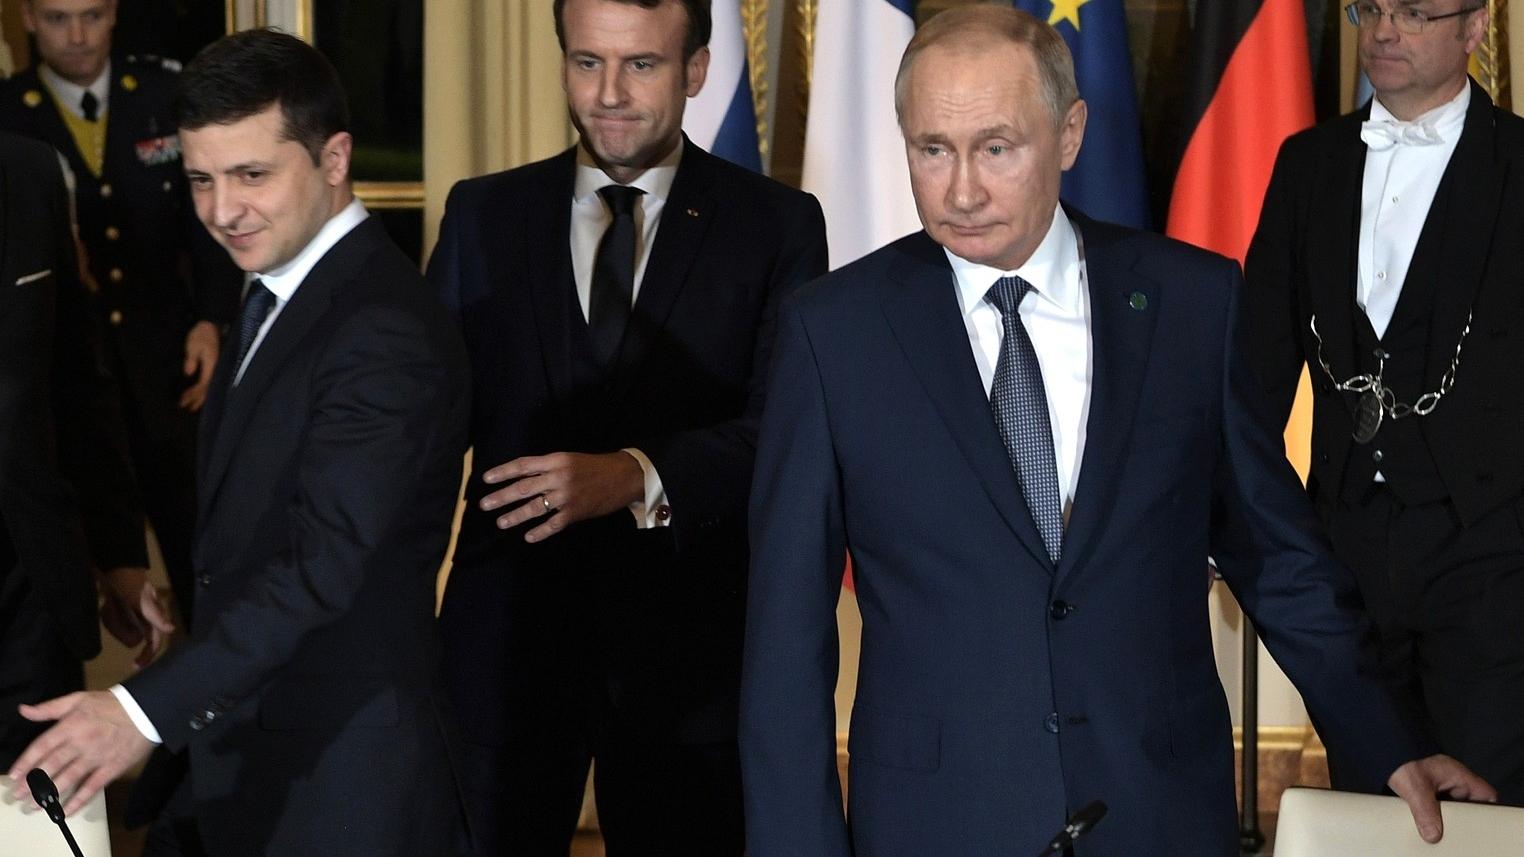 """Czy Putin jest """"zabójcą""""? Szef NATO musiał udzielić odpowiedzi na trudne pytanie"""